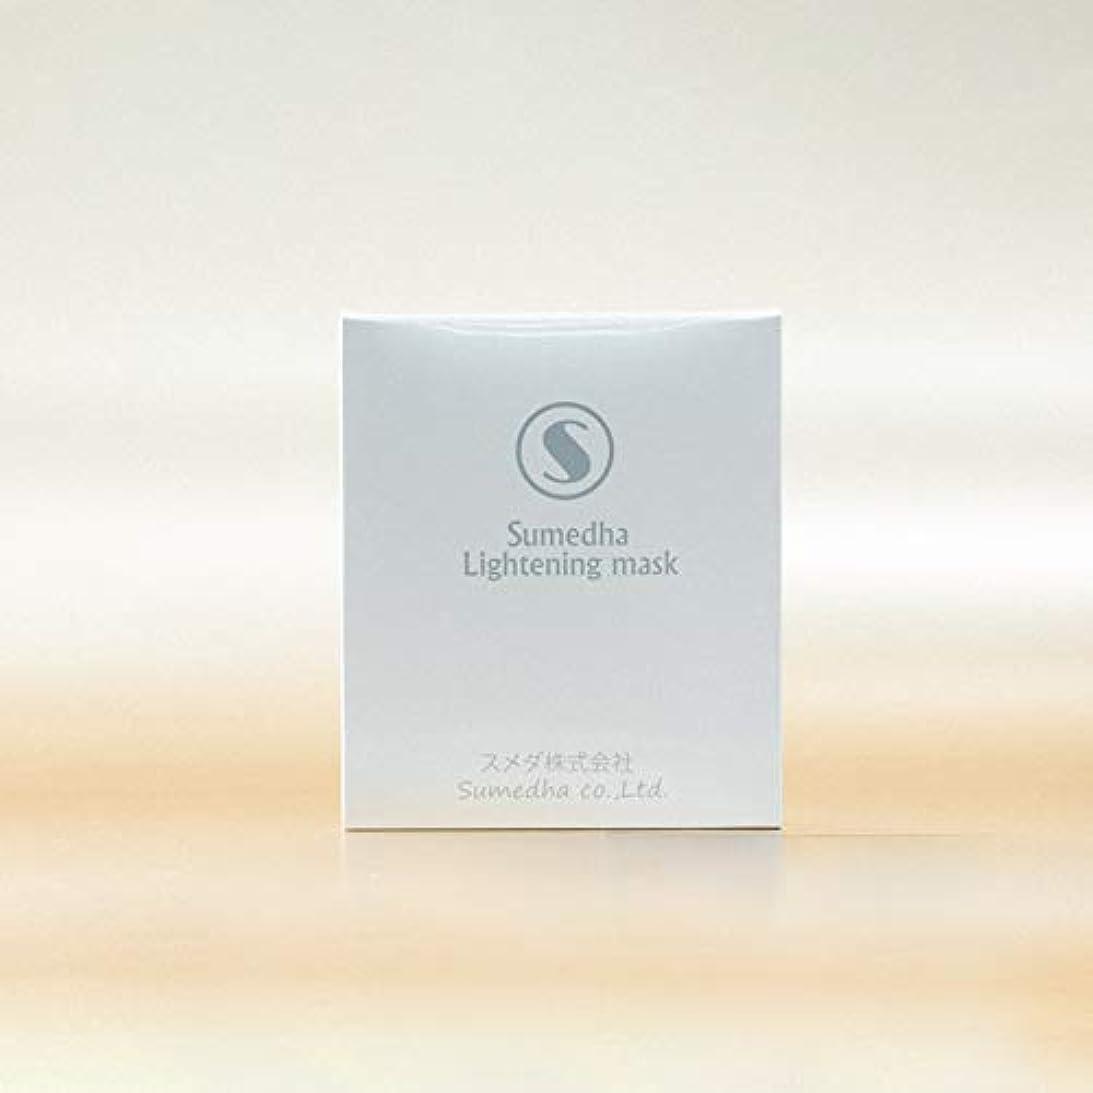 経験降伏瞑想フェイスマスク Sumedha パック 保湿マスク 日本製 マスク フェイスパック 3枚入り 美白 美容 アンチセンシティブ 角質層修復 抗酸化 保湿 補水 敏感肌 発赤 アレルギー緩和 コーセー (美白)